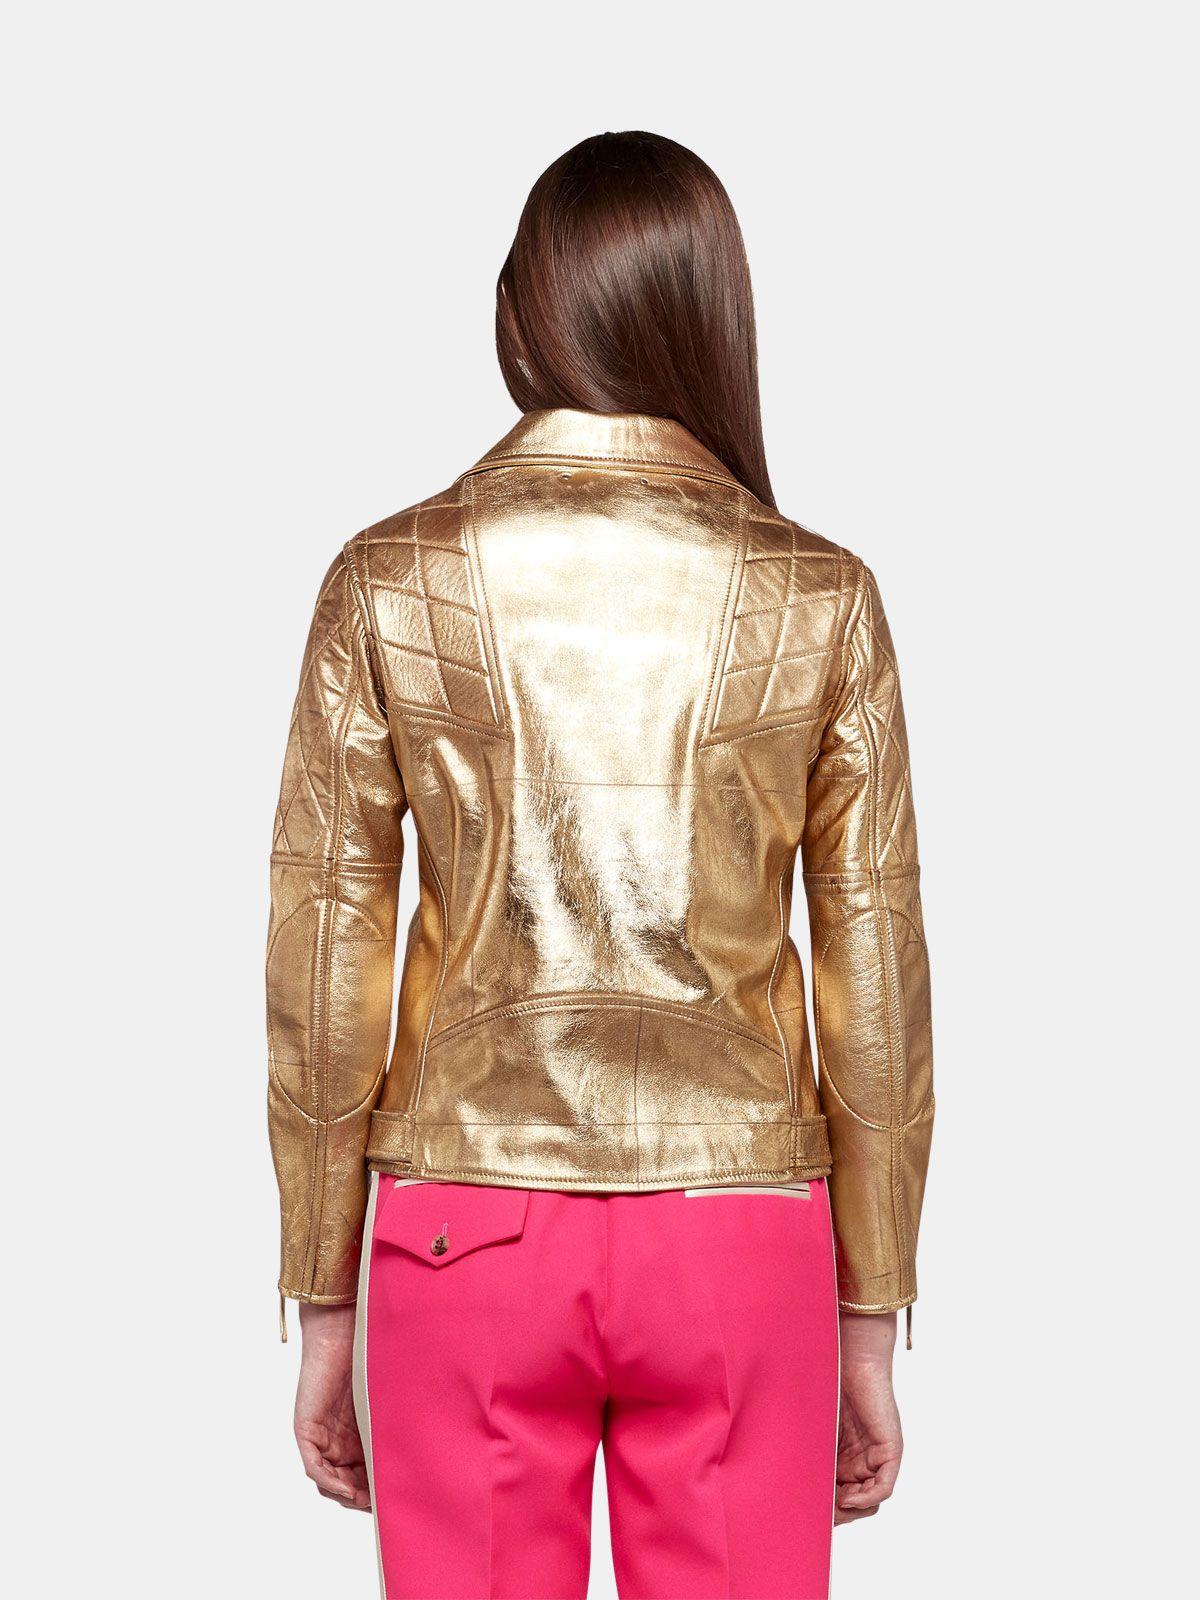 Golden Goose - Chiodo Yasu in pelle  dorata con stampa stella in